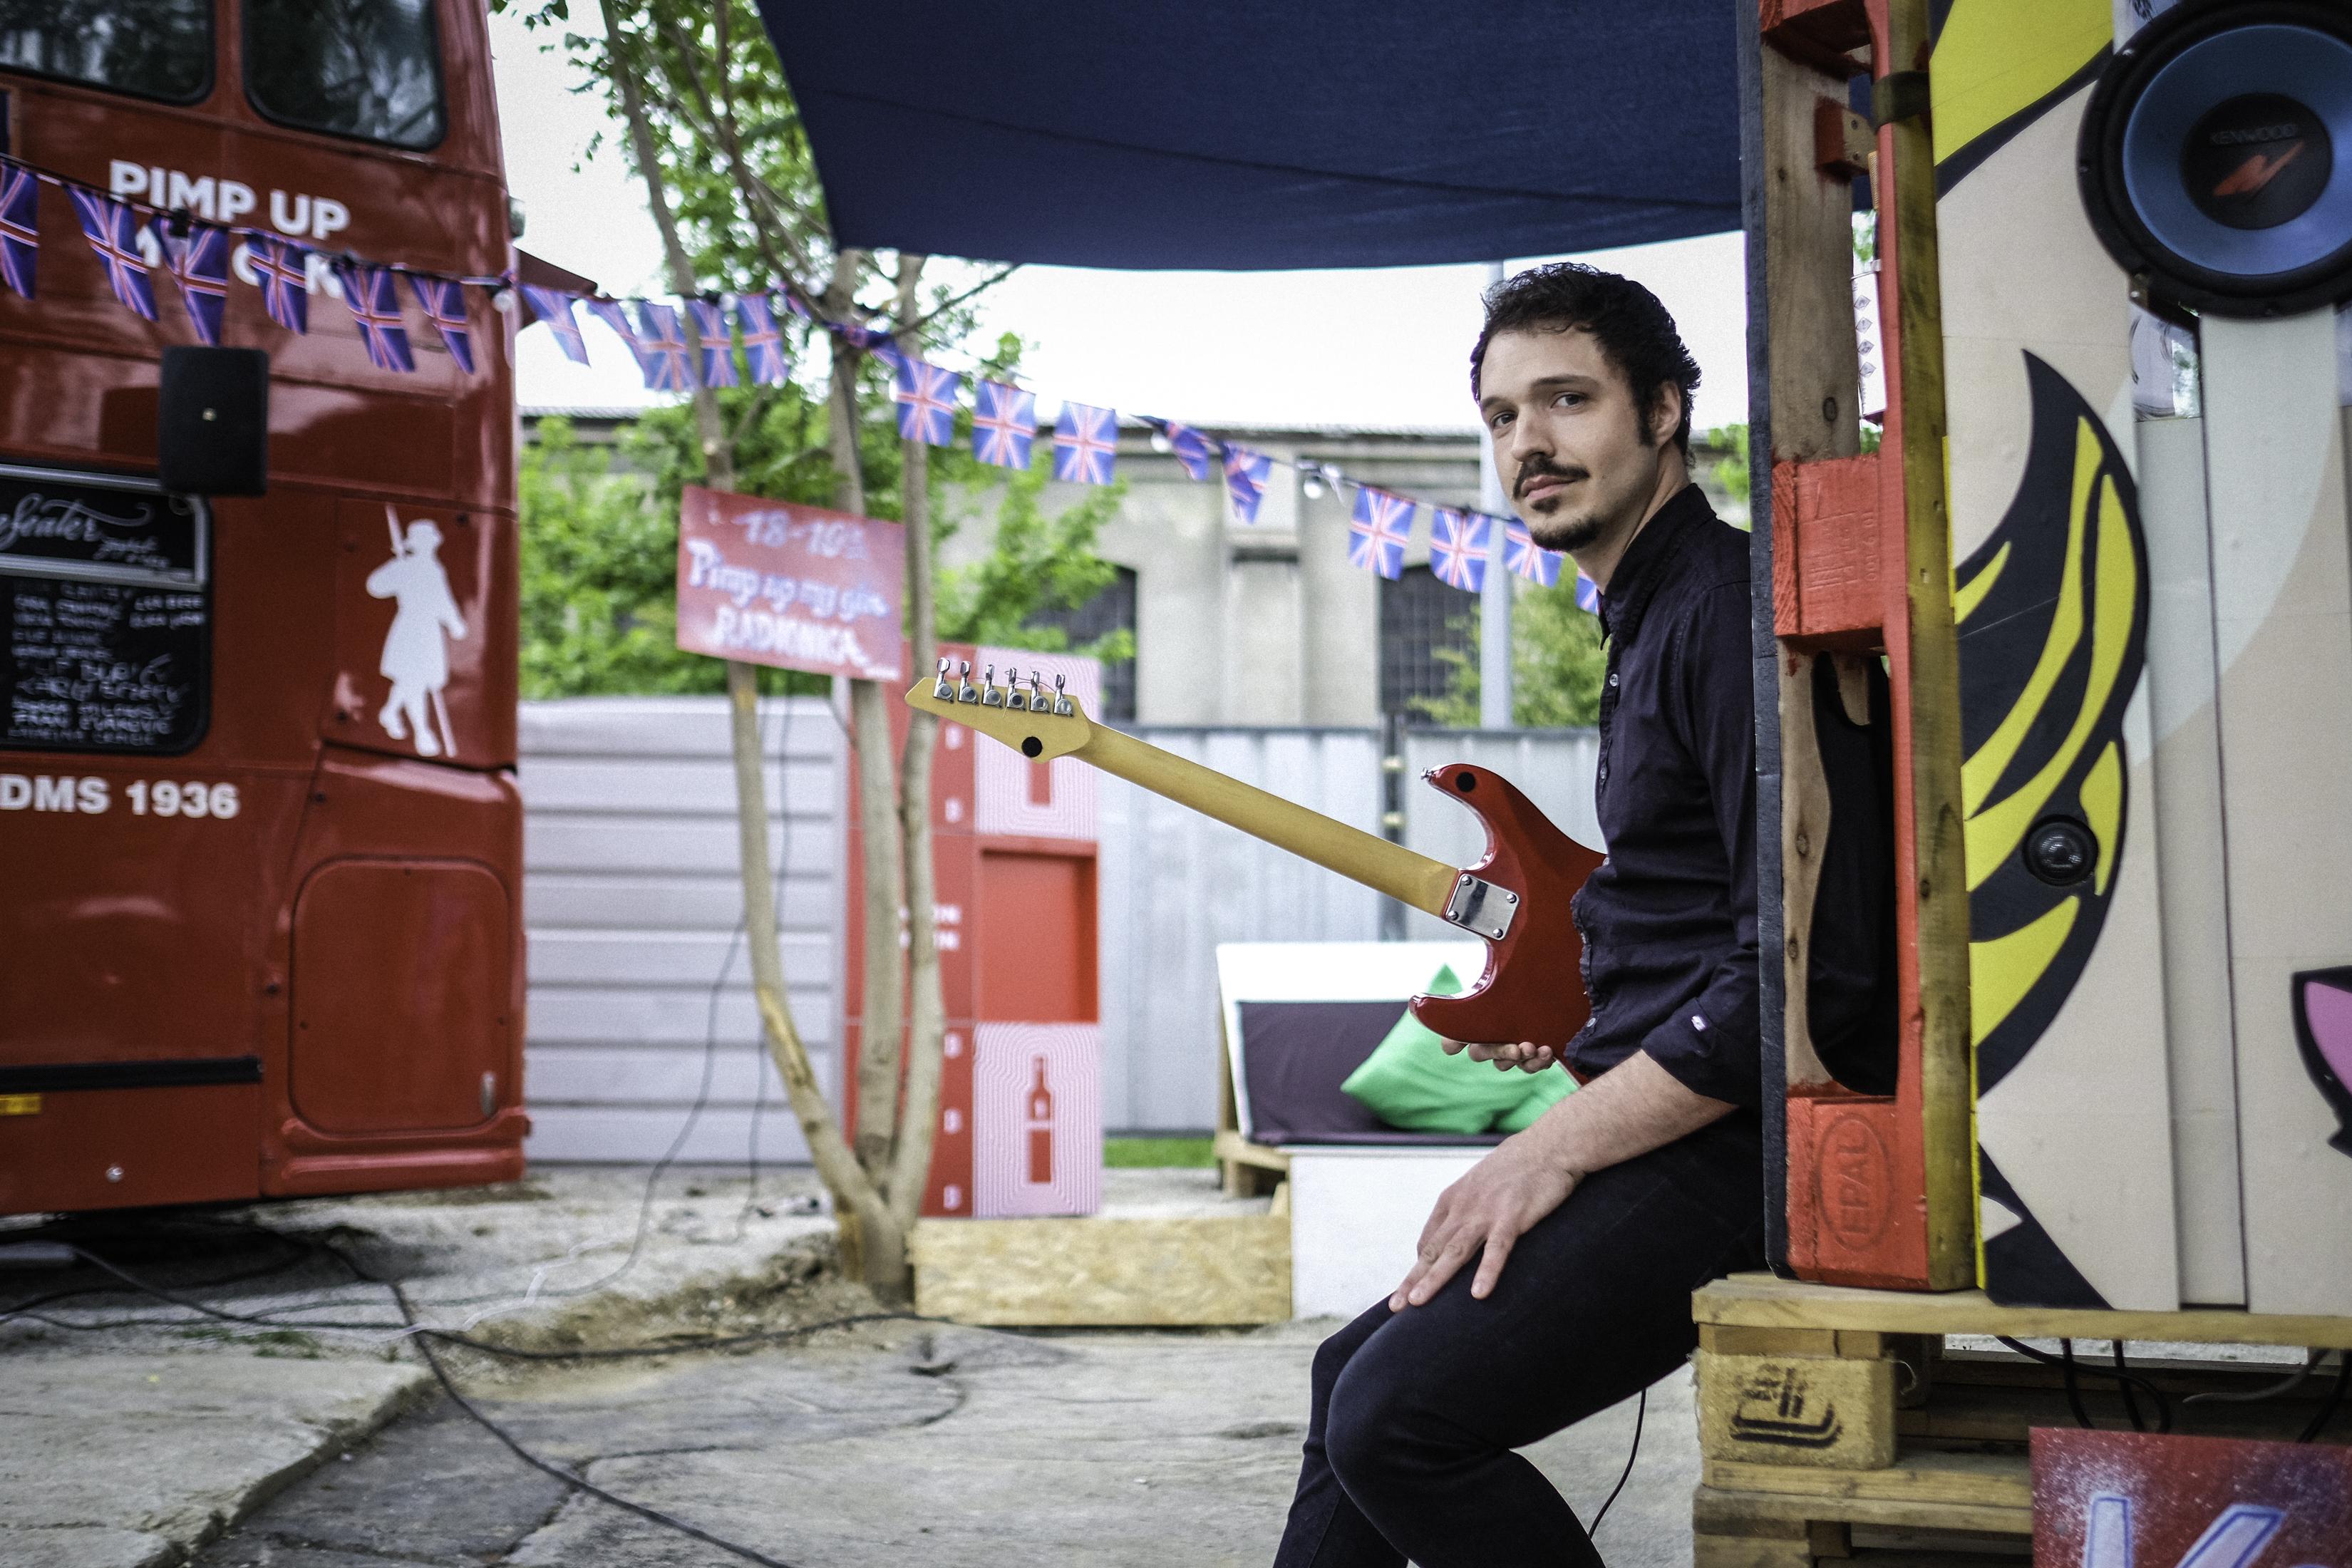 Filip Dizdar